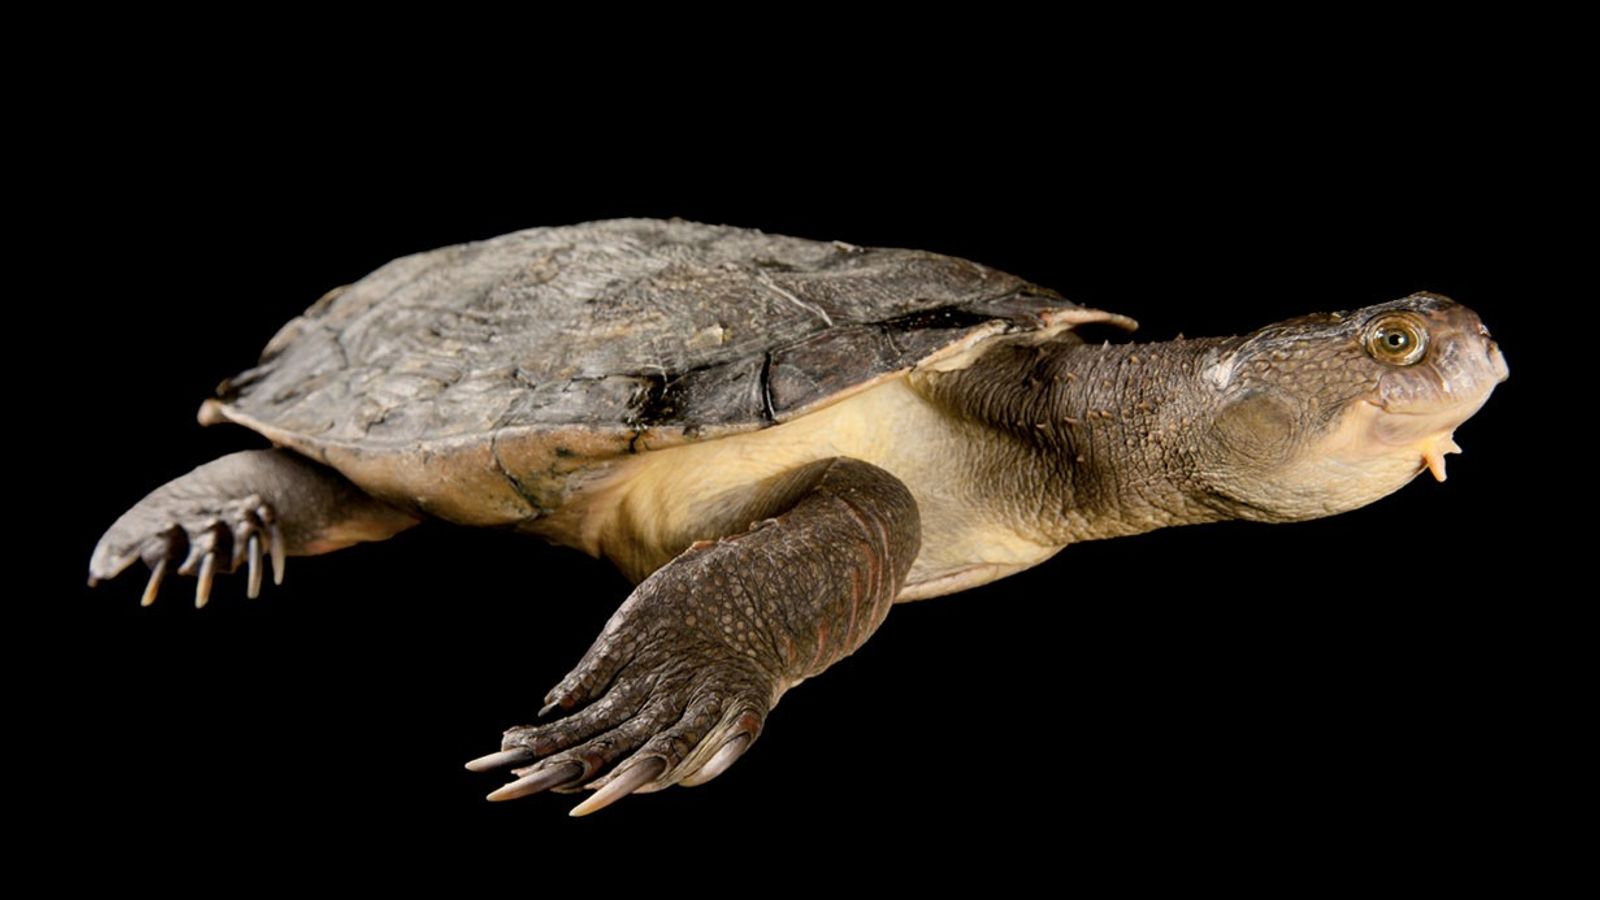 Une tortue de la Mary River, Elusor macrurus, photographiée au Lone Pina Koala Sanctuary dans le ...